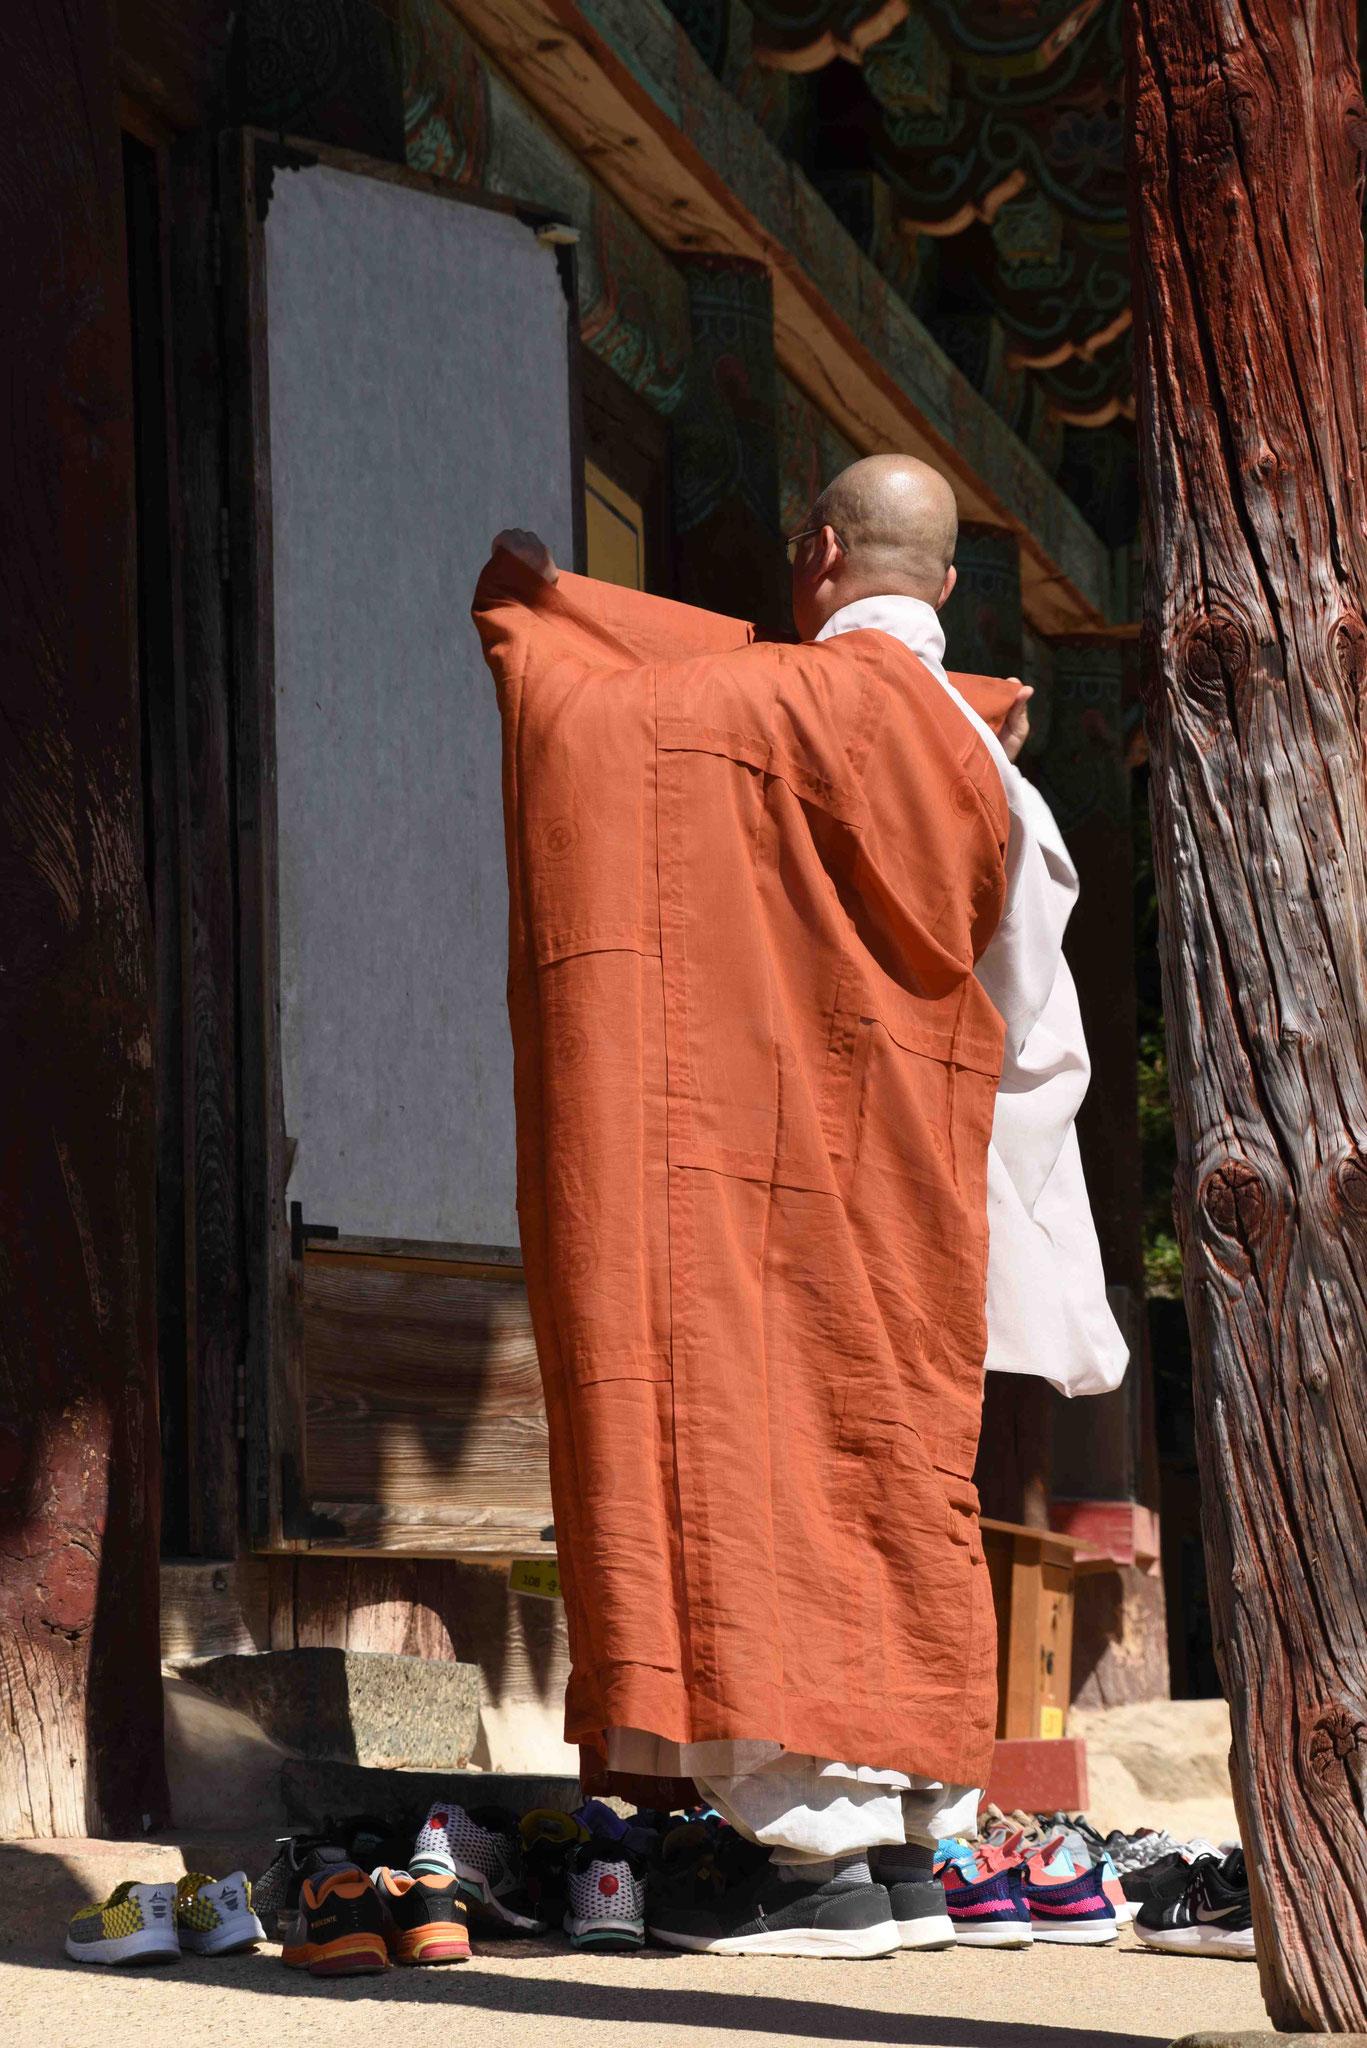 Buddistischer Mönch beim Eintreten in den Tempel